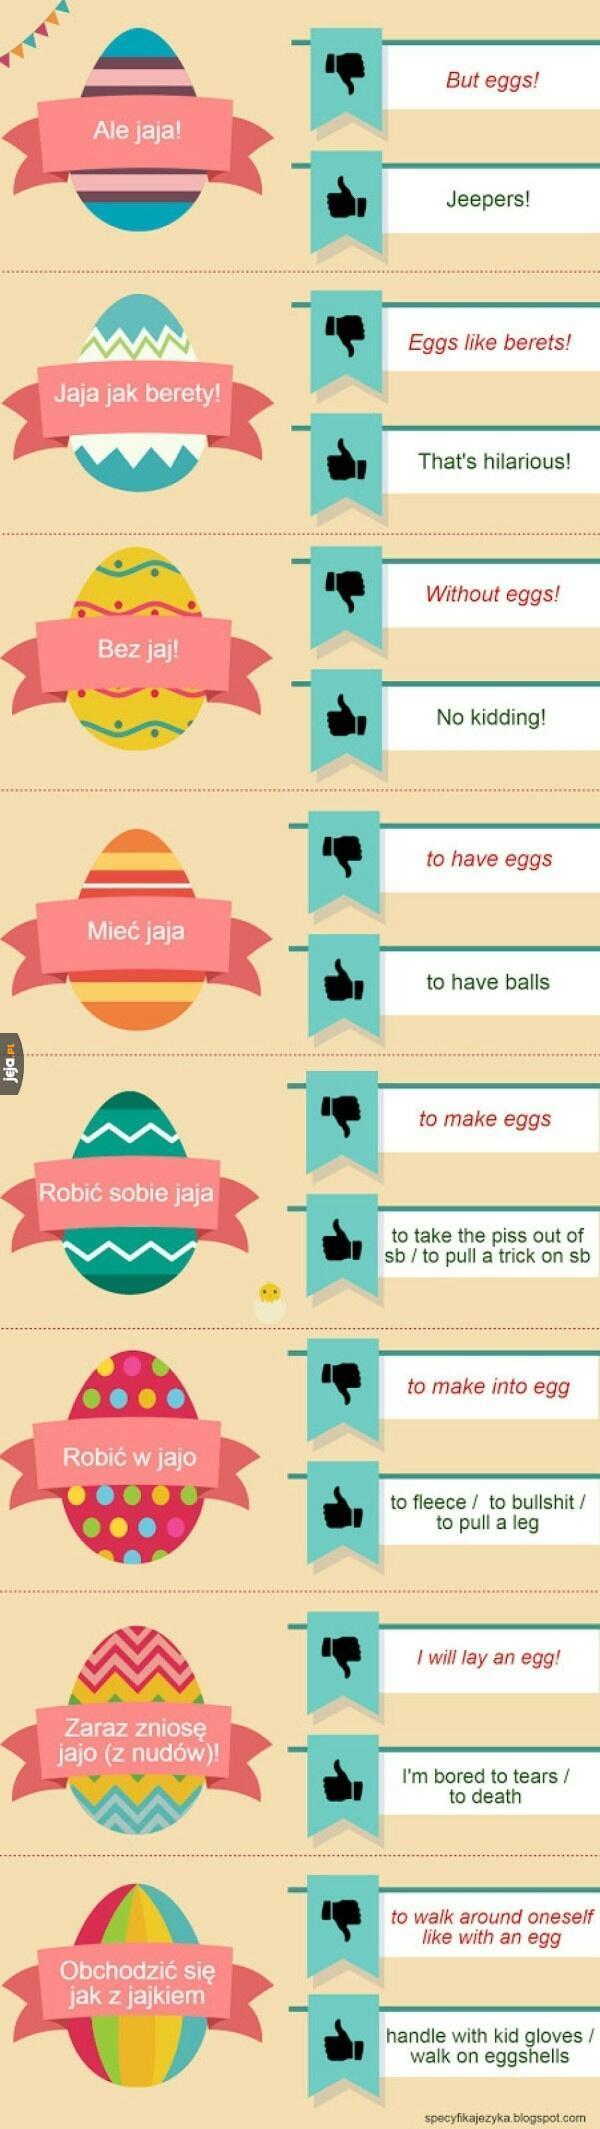 Polskie jajeczne powiedzenia po angielsku